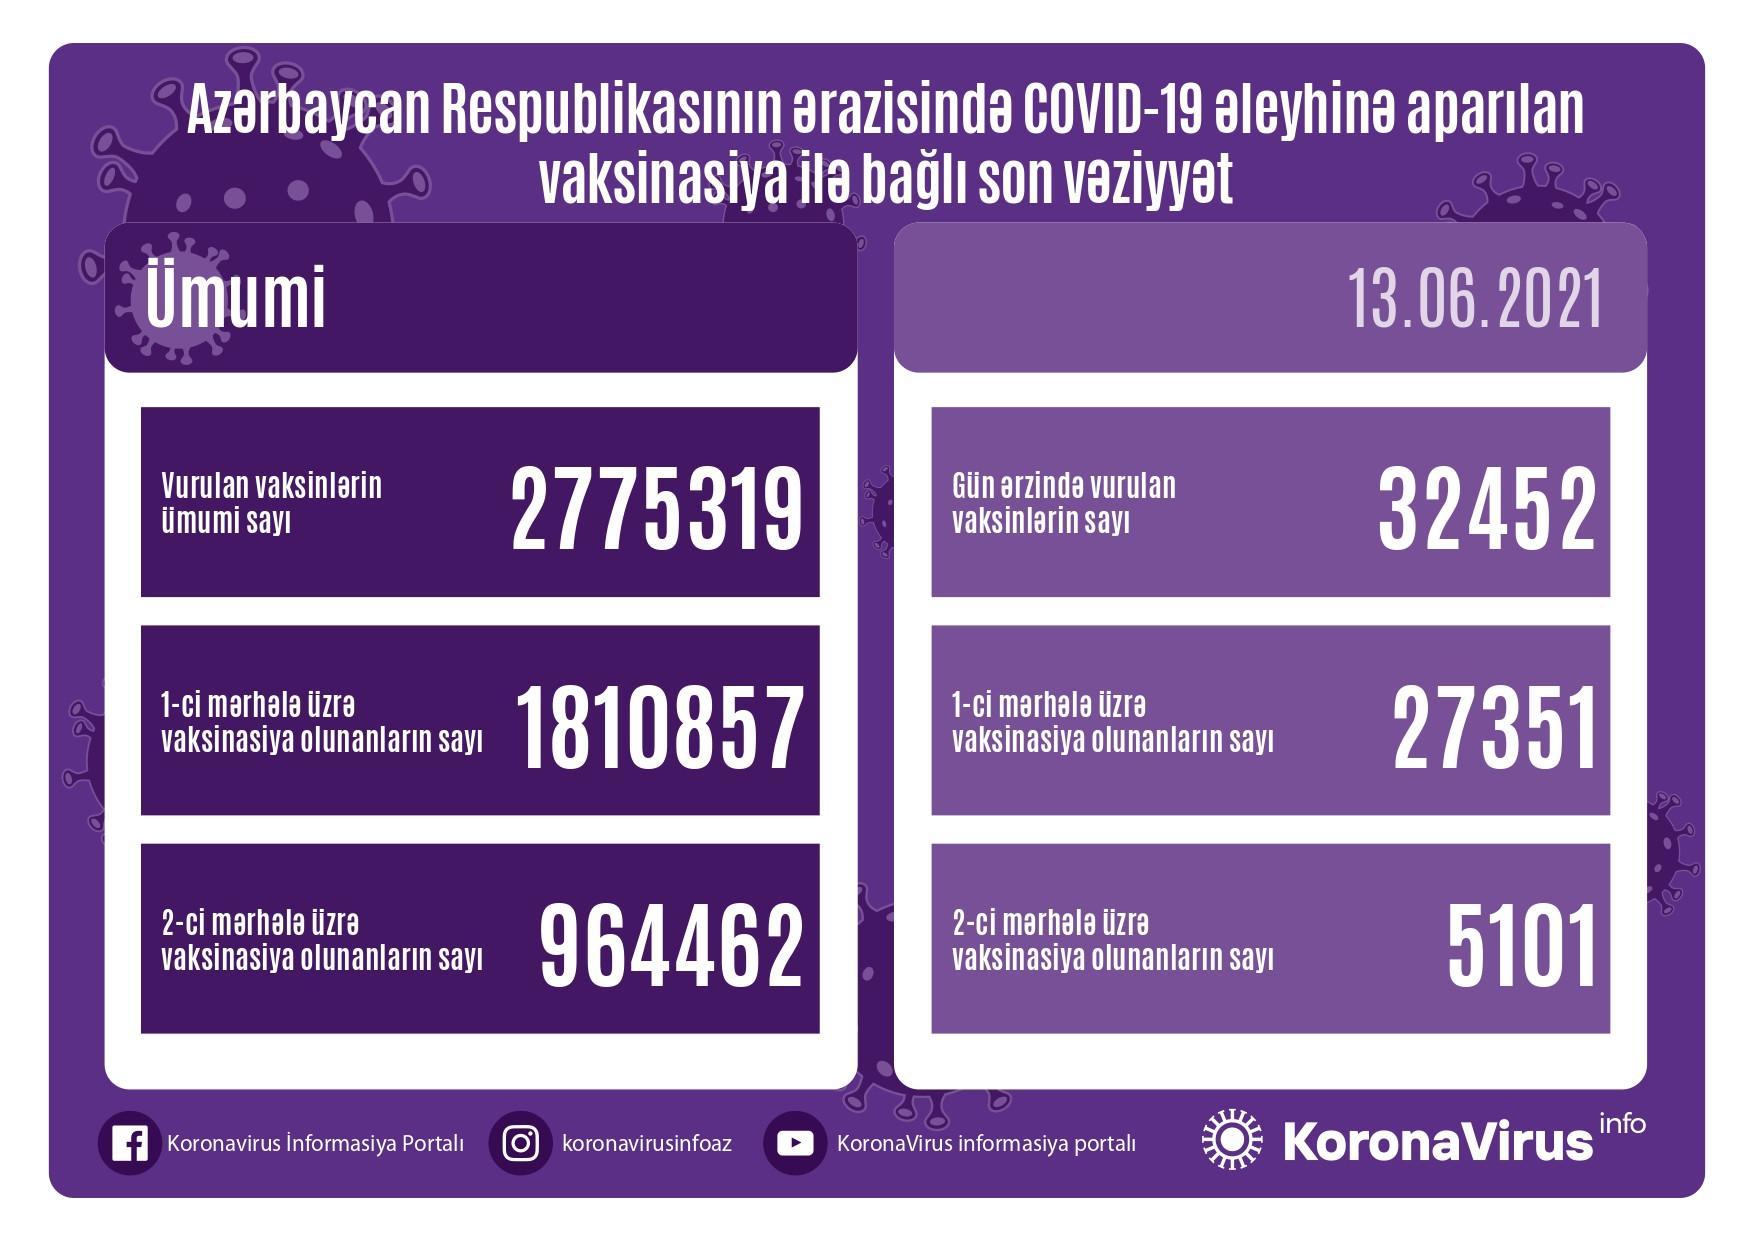 Azərbaycanda son sutkada vaksinasiya olunanların sayı açıqlanıb